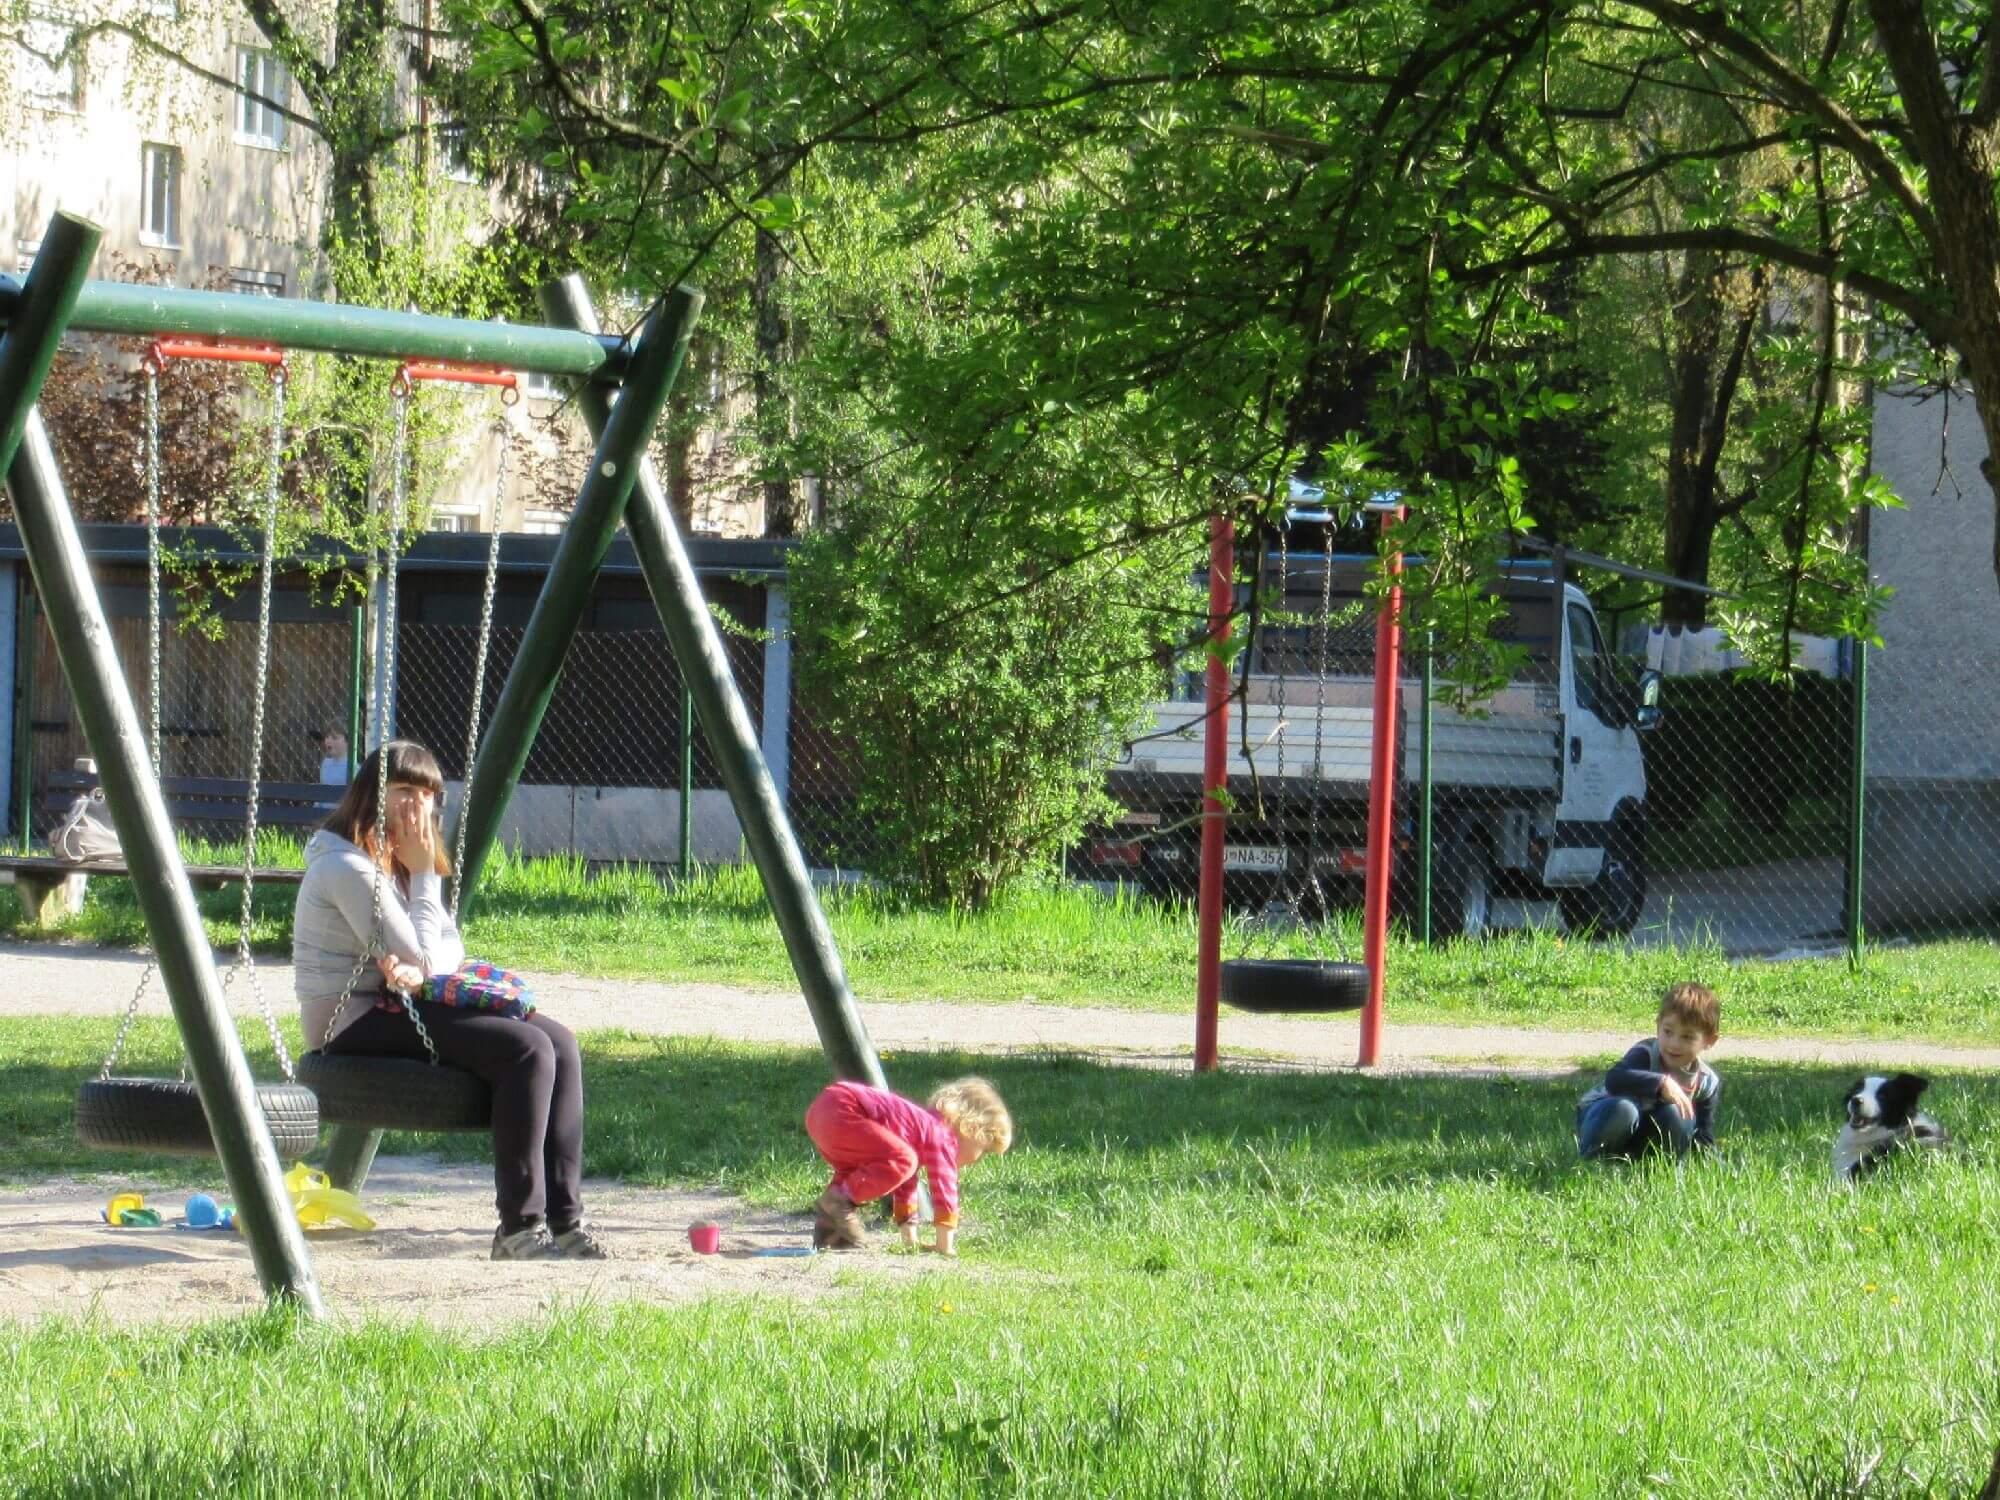 Proučitev možnosti za povečanje učinkovitosti urejanja otroških igrišč v MOL